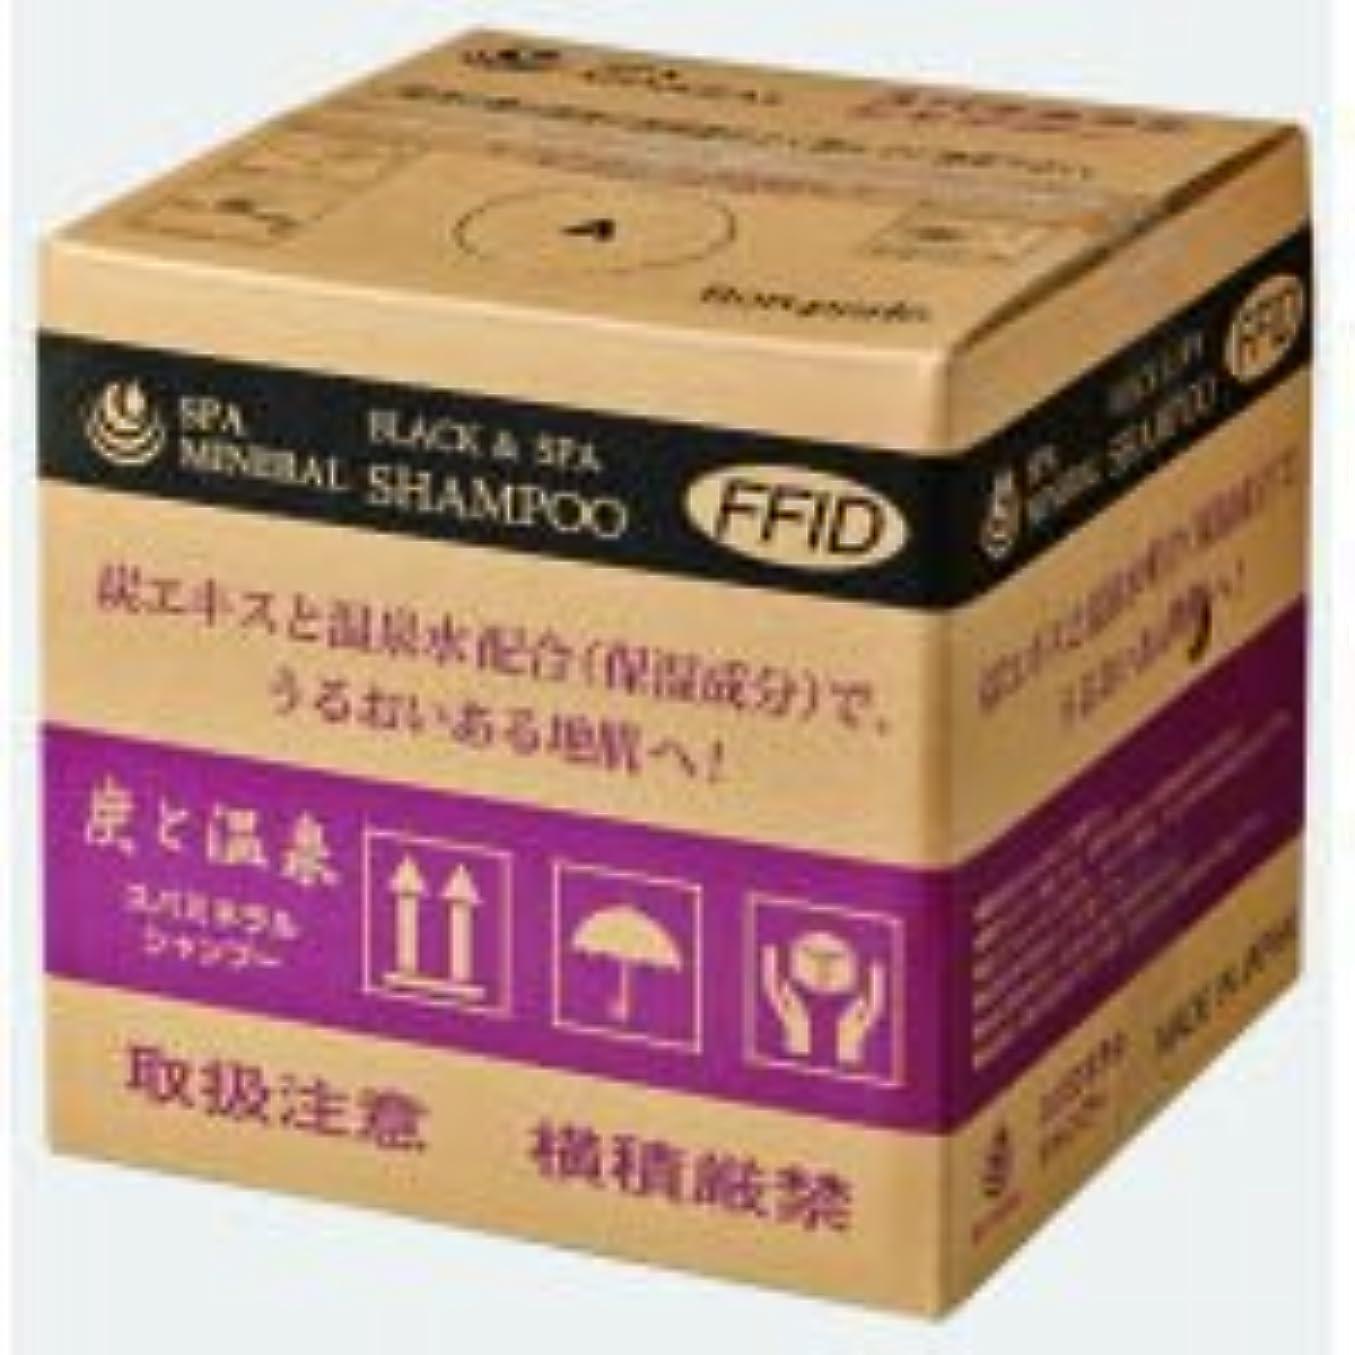 モナリザ学習ケーブルスパミネラル 炭シャンプー 20kg 詰替用